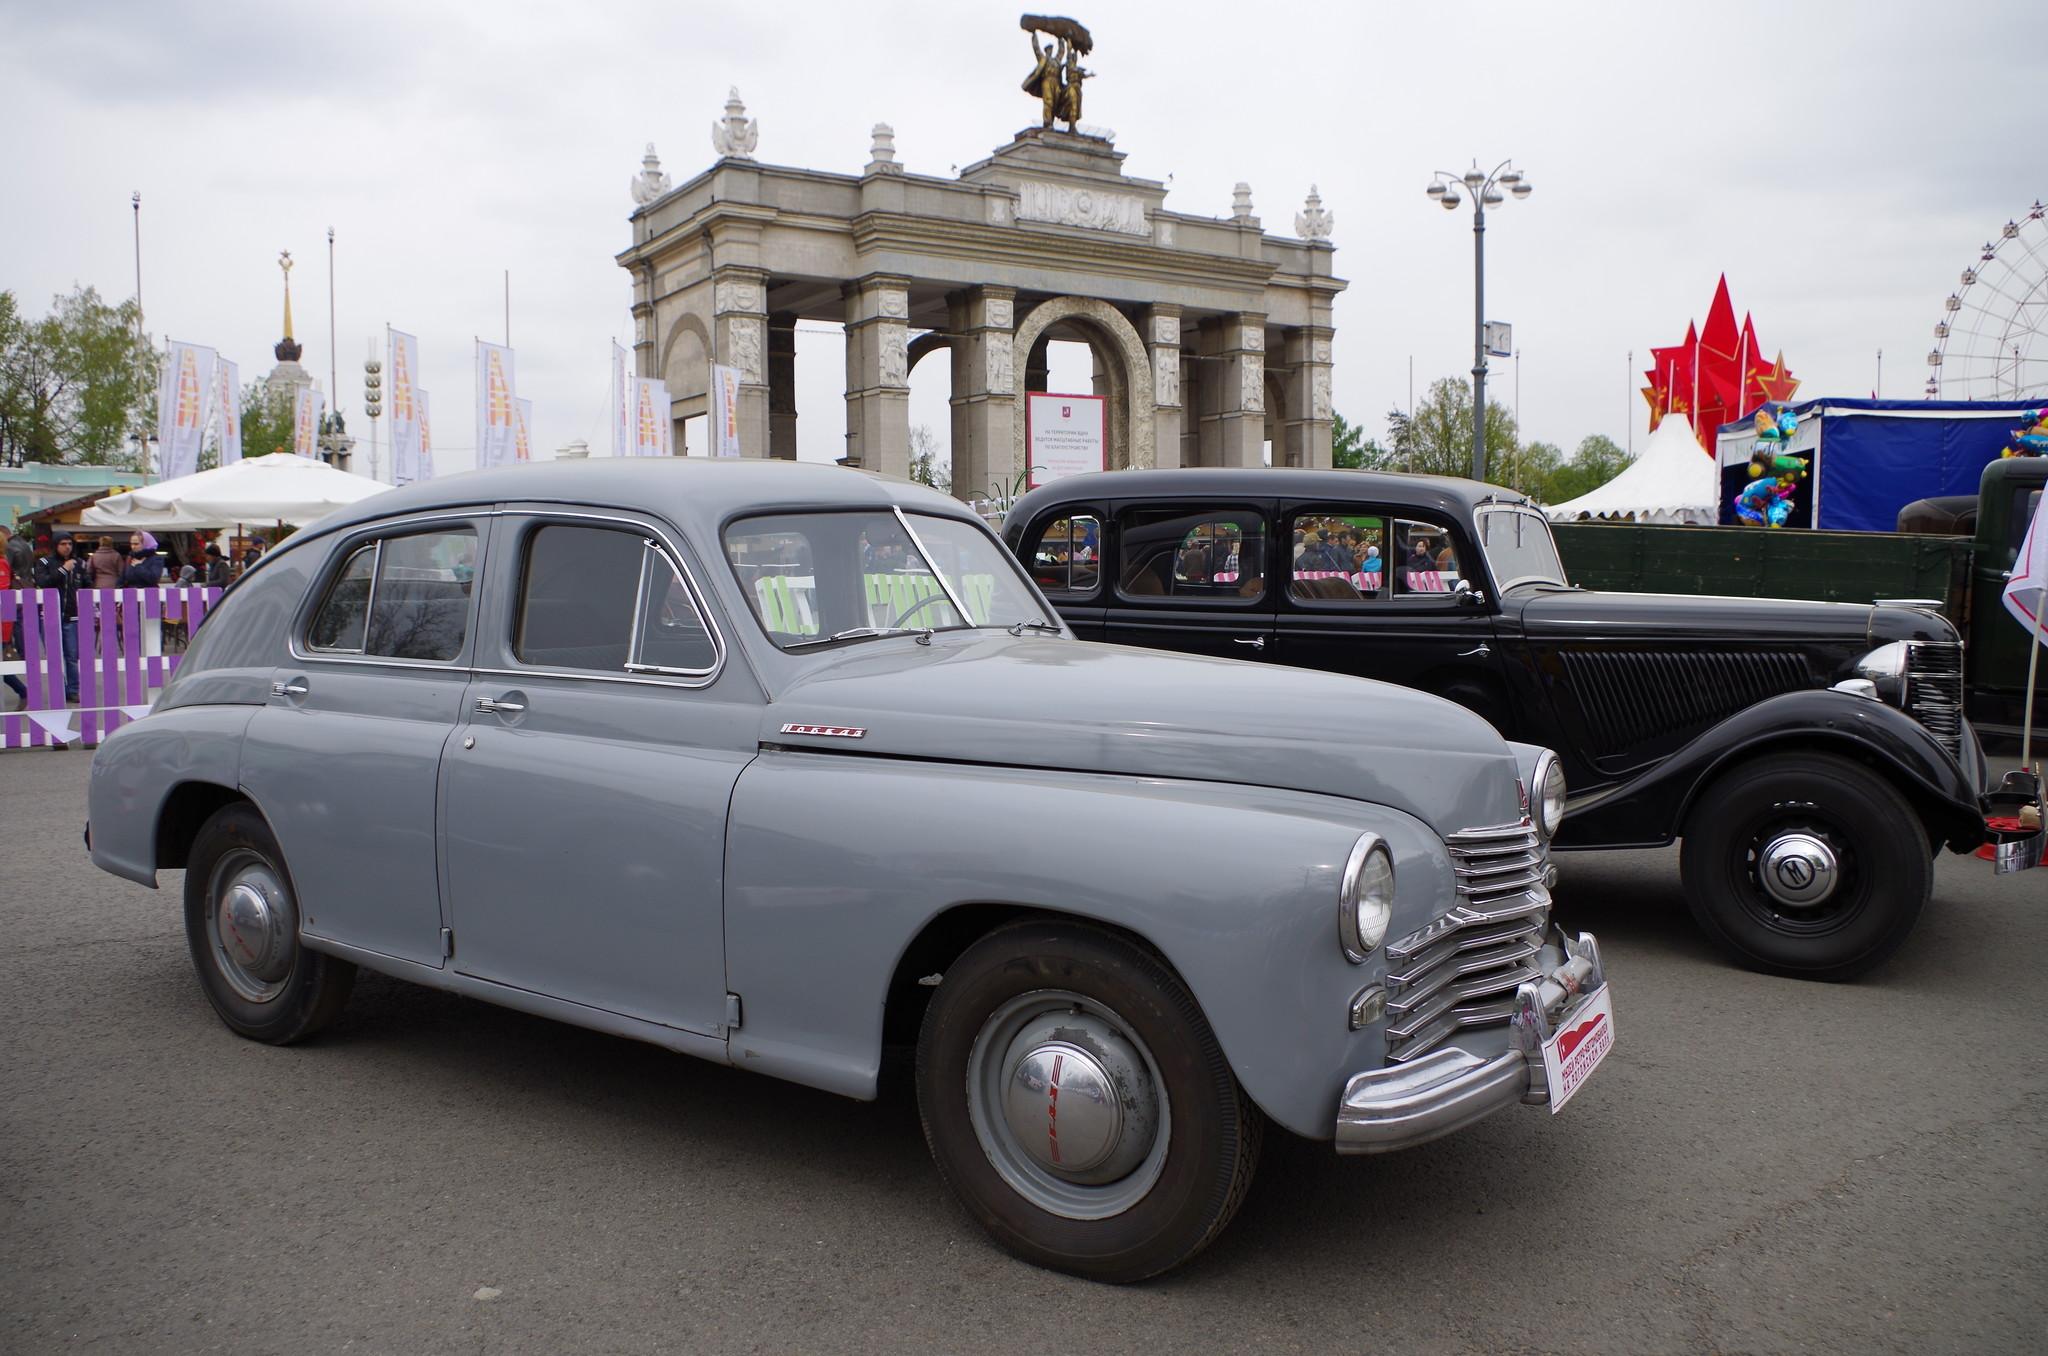 Выставка ретро автомобилей на площади перед Главным входом ВДНХ